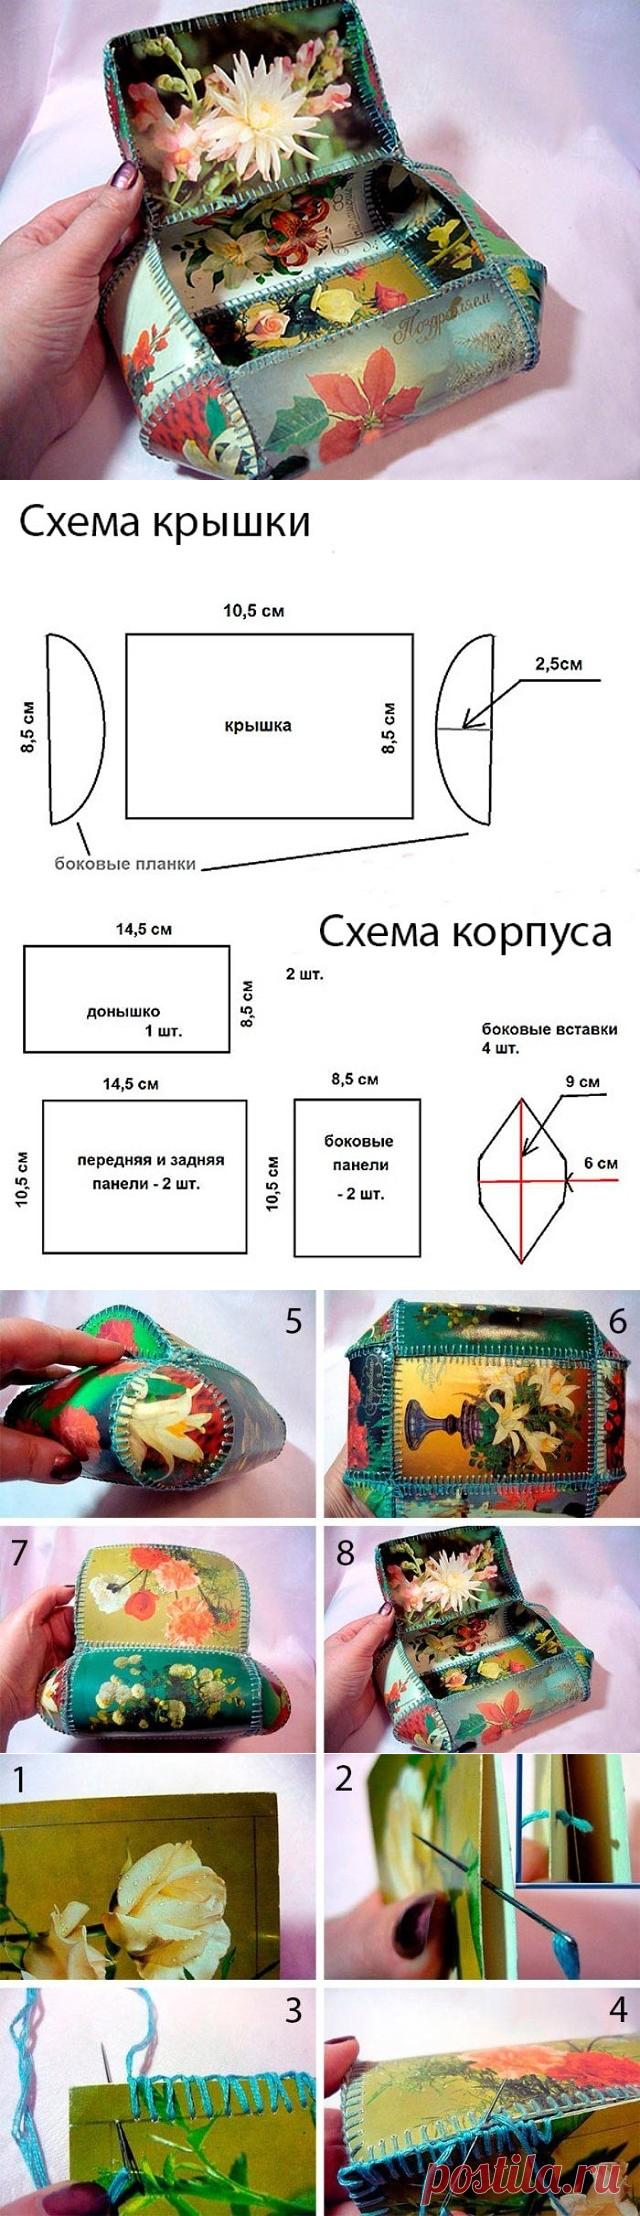 Ходьба картинки, как сделать шкатулку из открыток схема